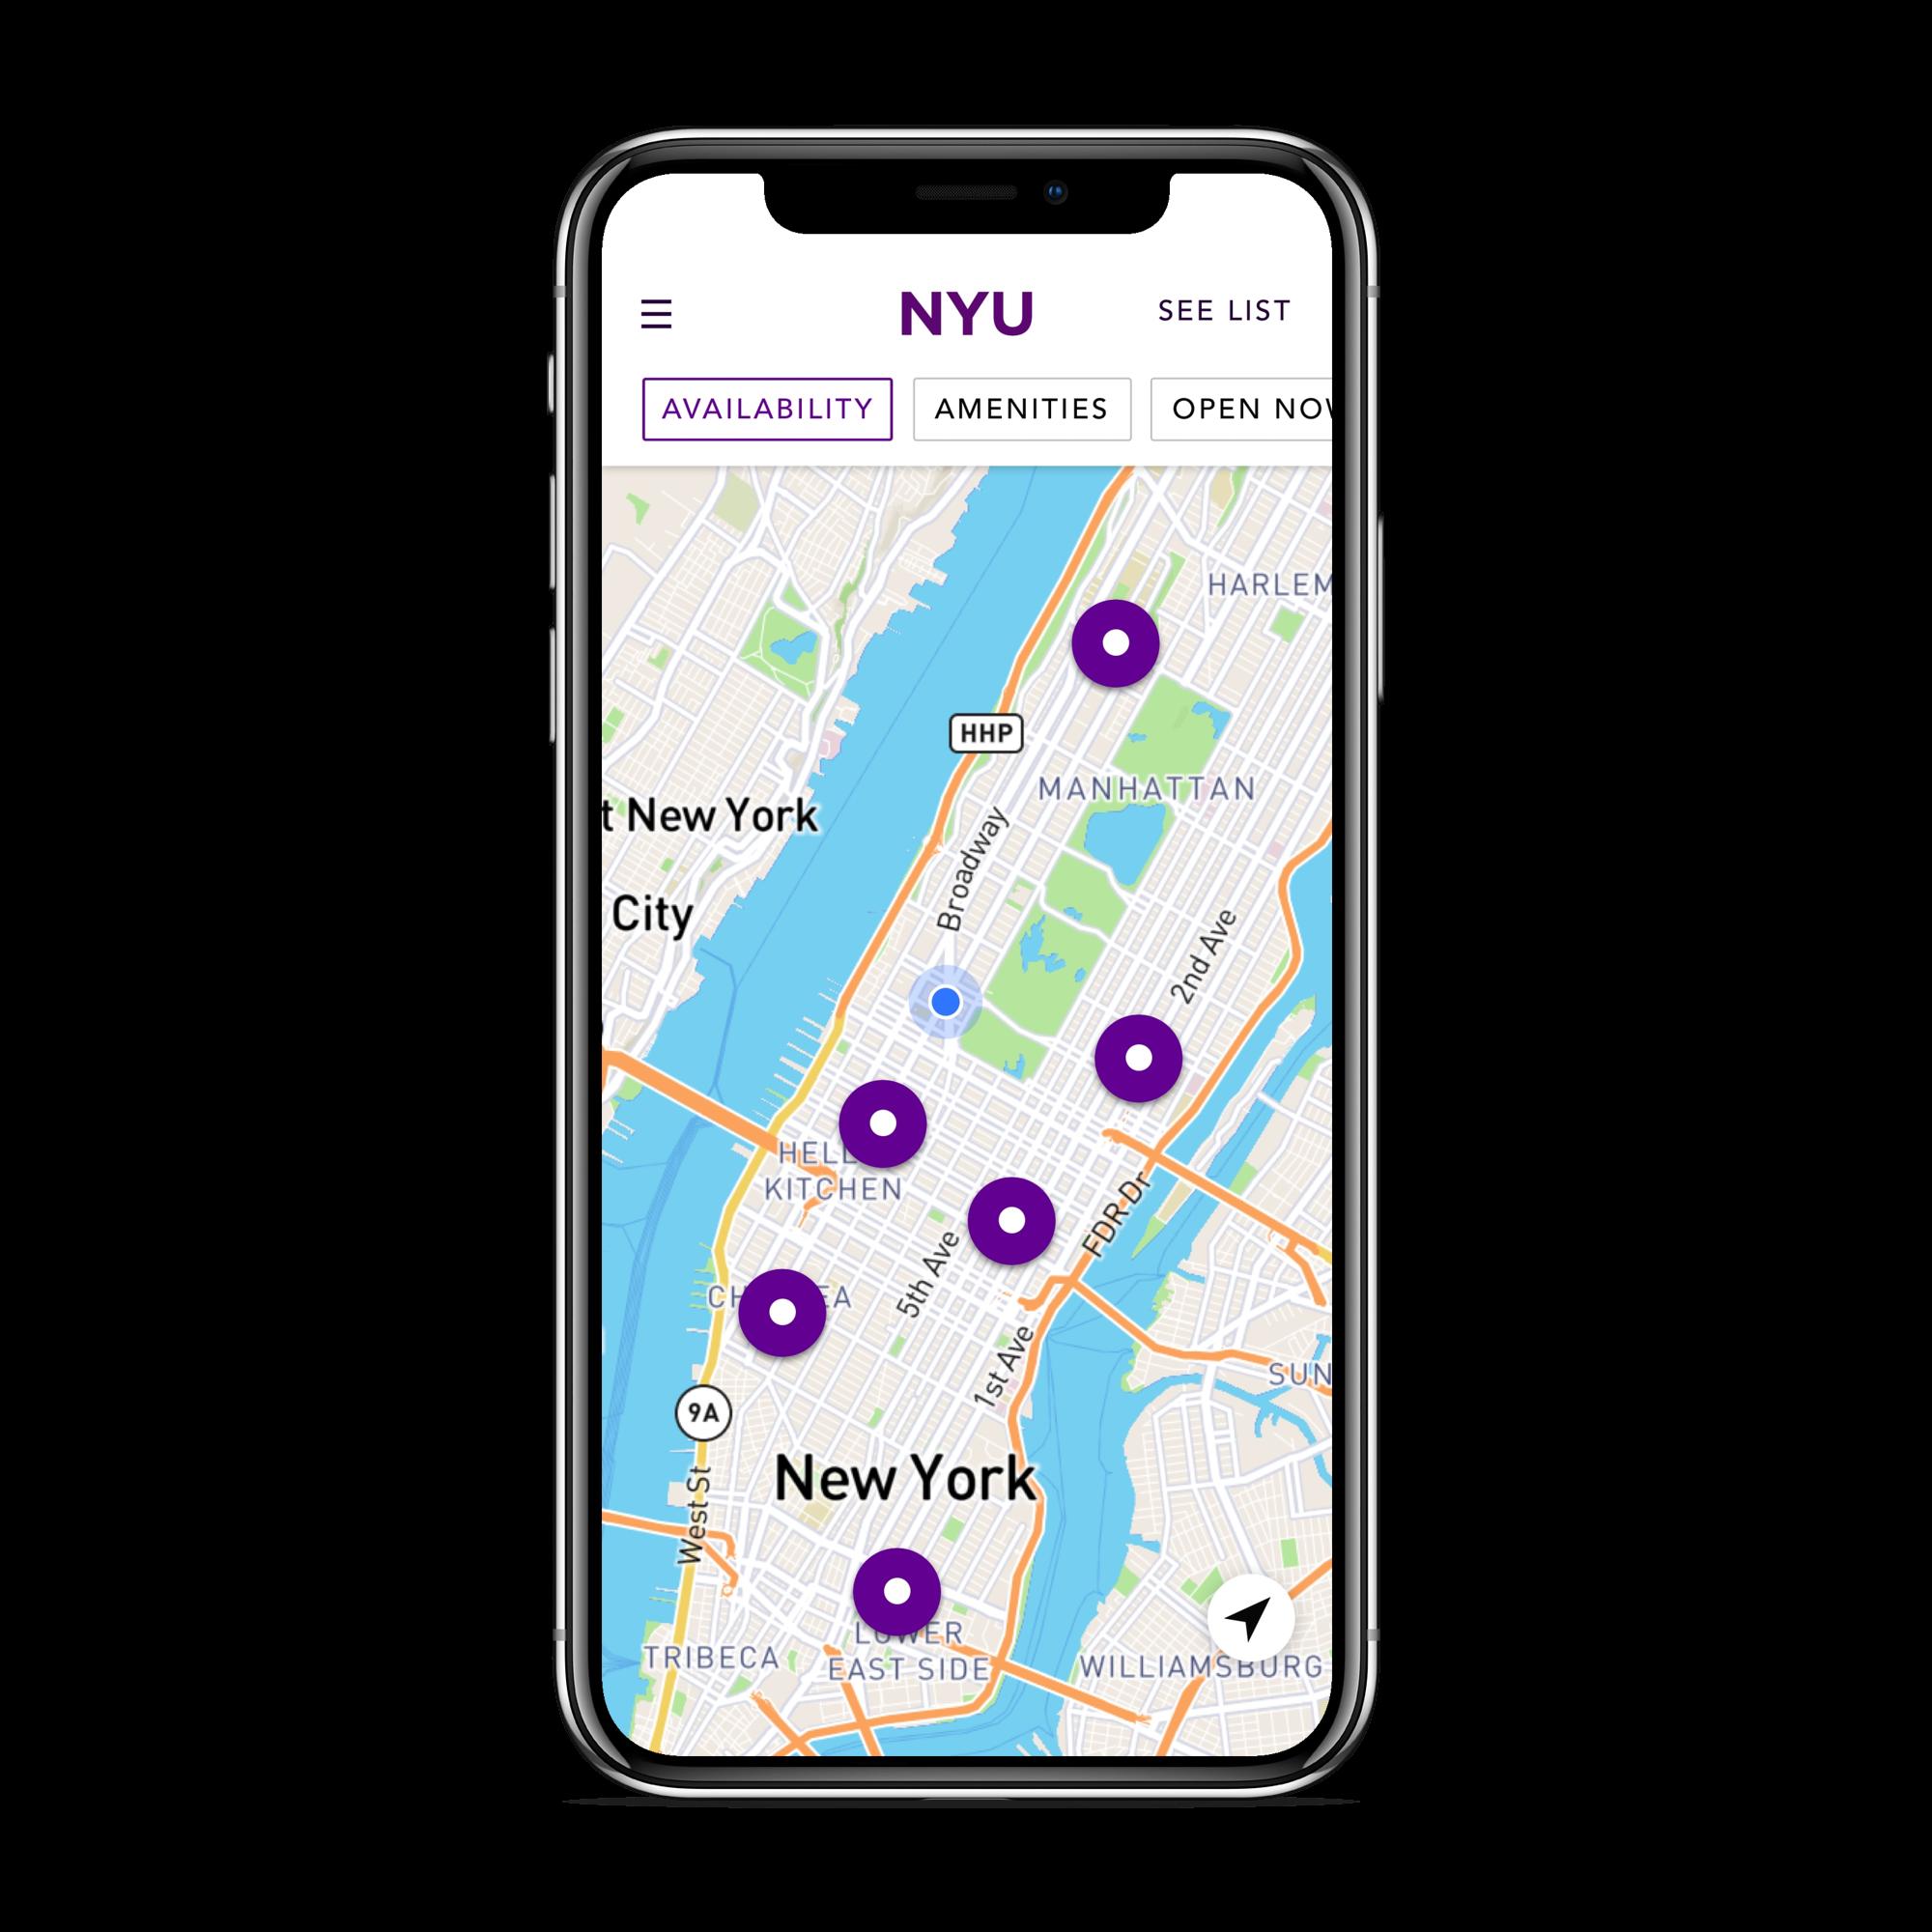 NYU Neighborhood Study Spaces app